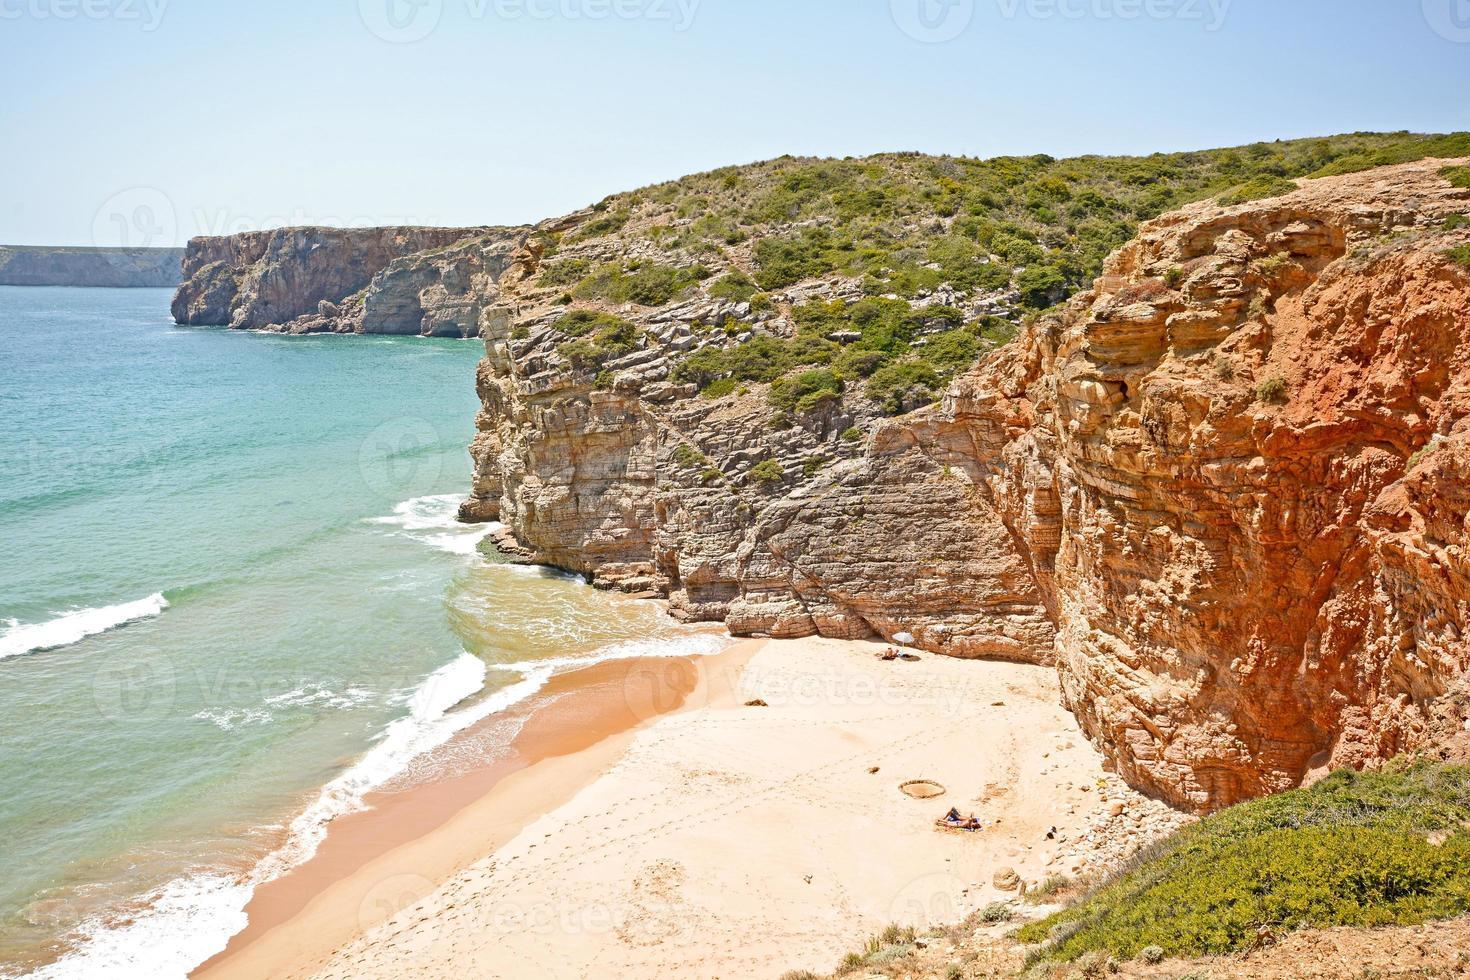 Praia do Beliche, Strand in der Nähe von Cabo Sao Vicente, Algarve Portugal foto